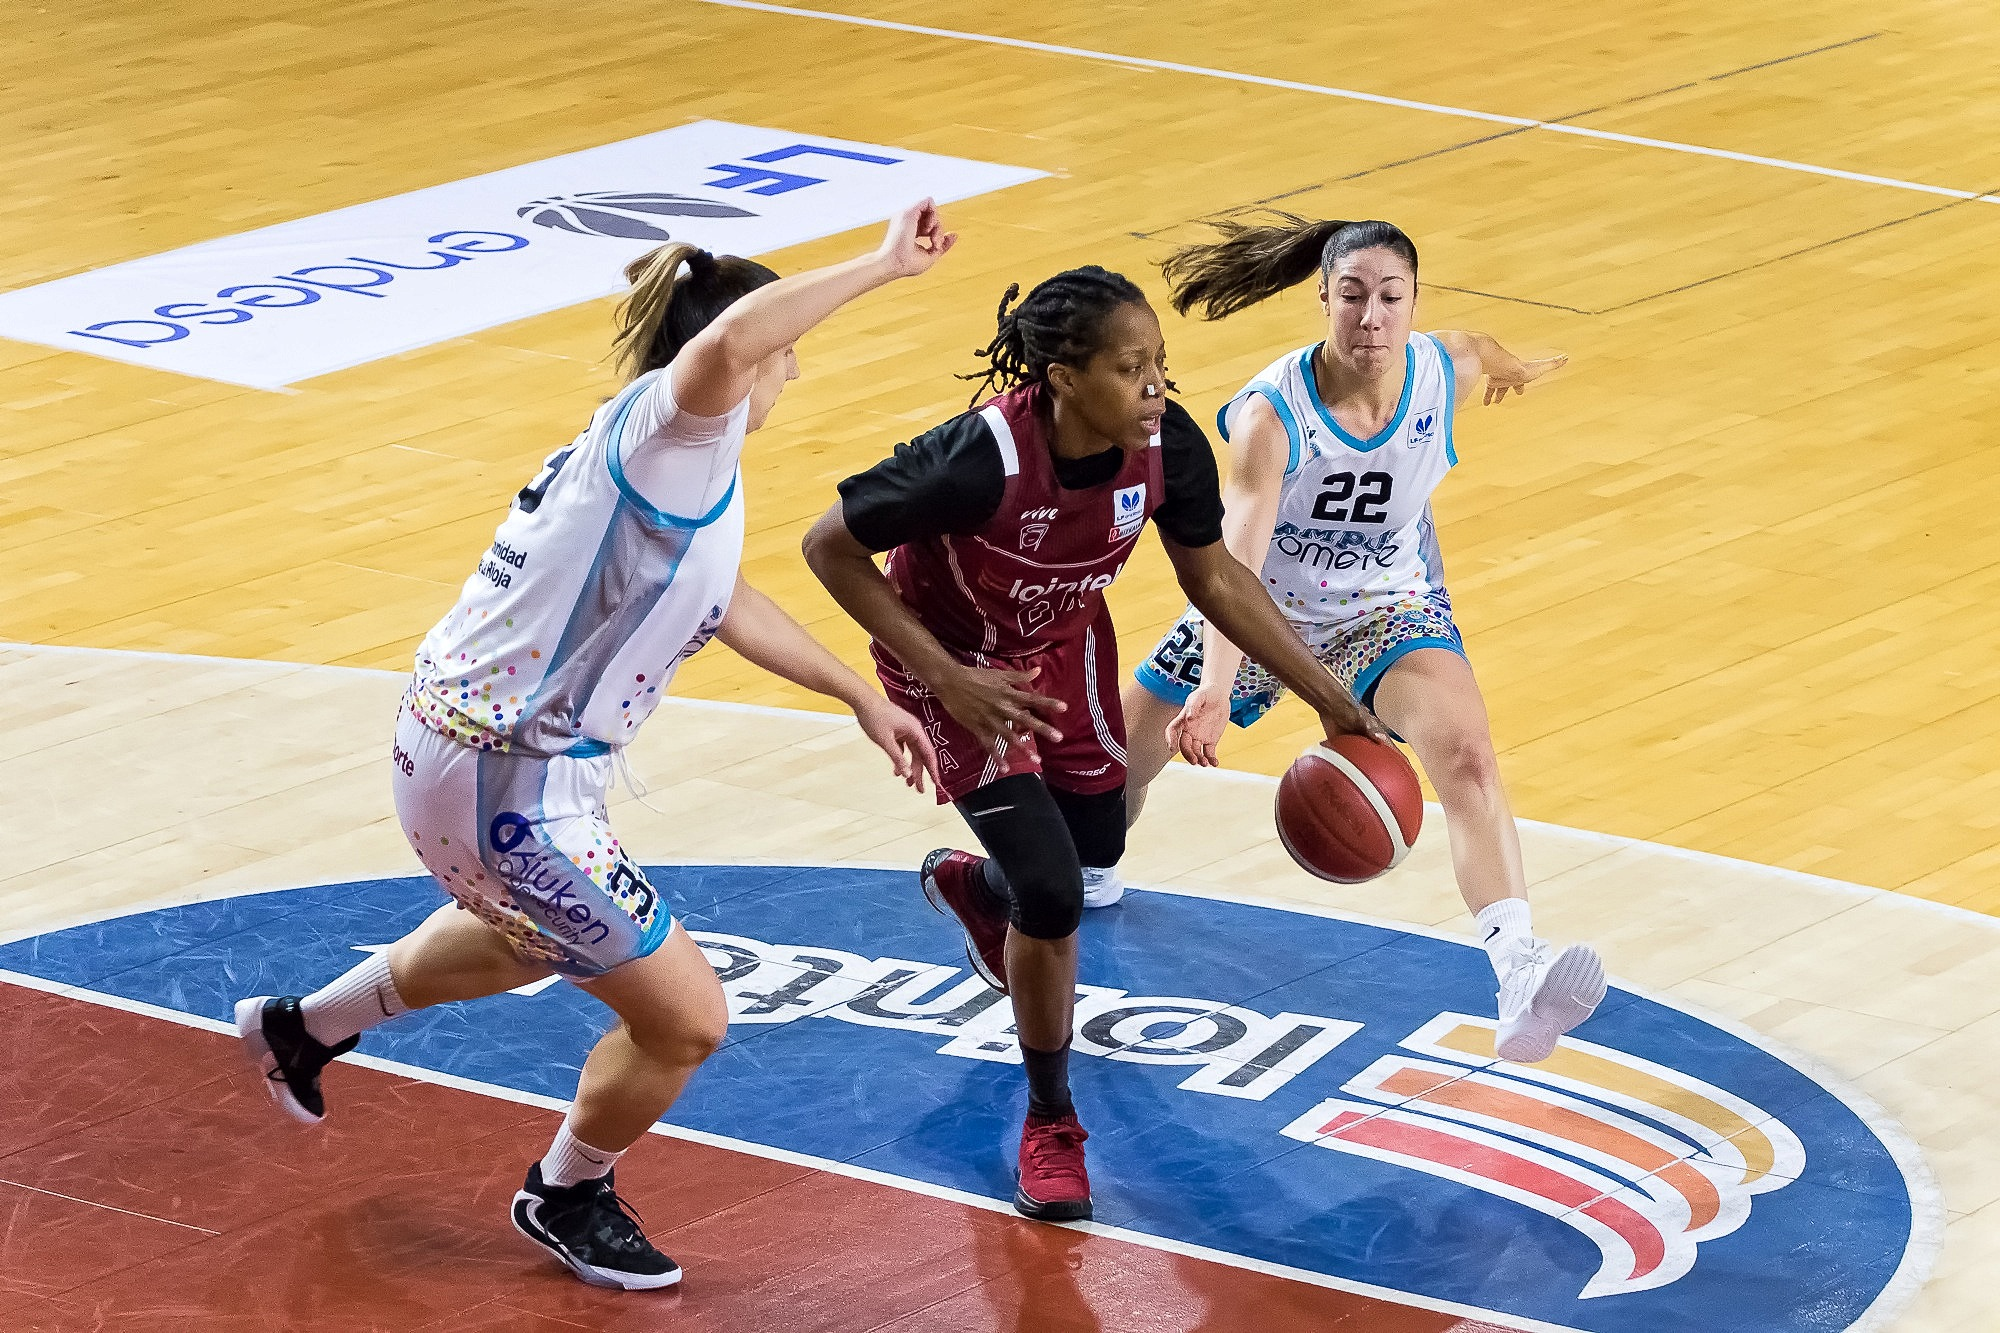 Roundtree es defendida por dos rivales (Foto: Luis Fernando Boo).